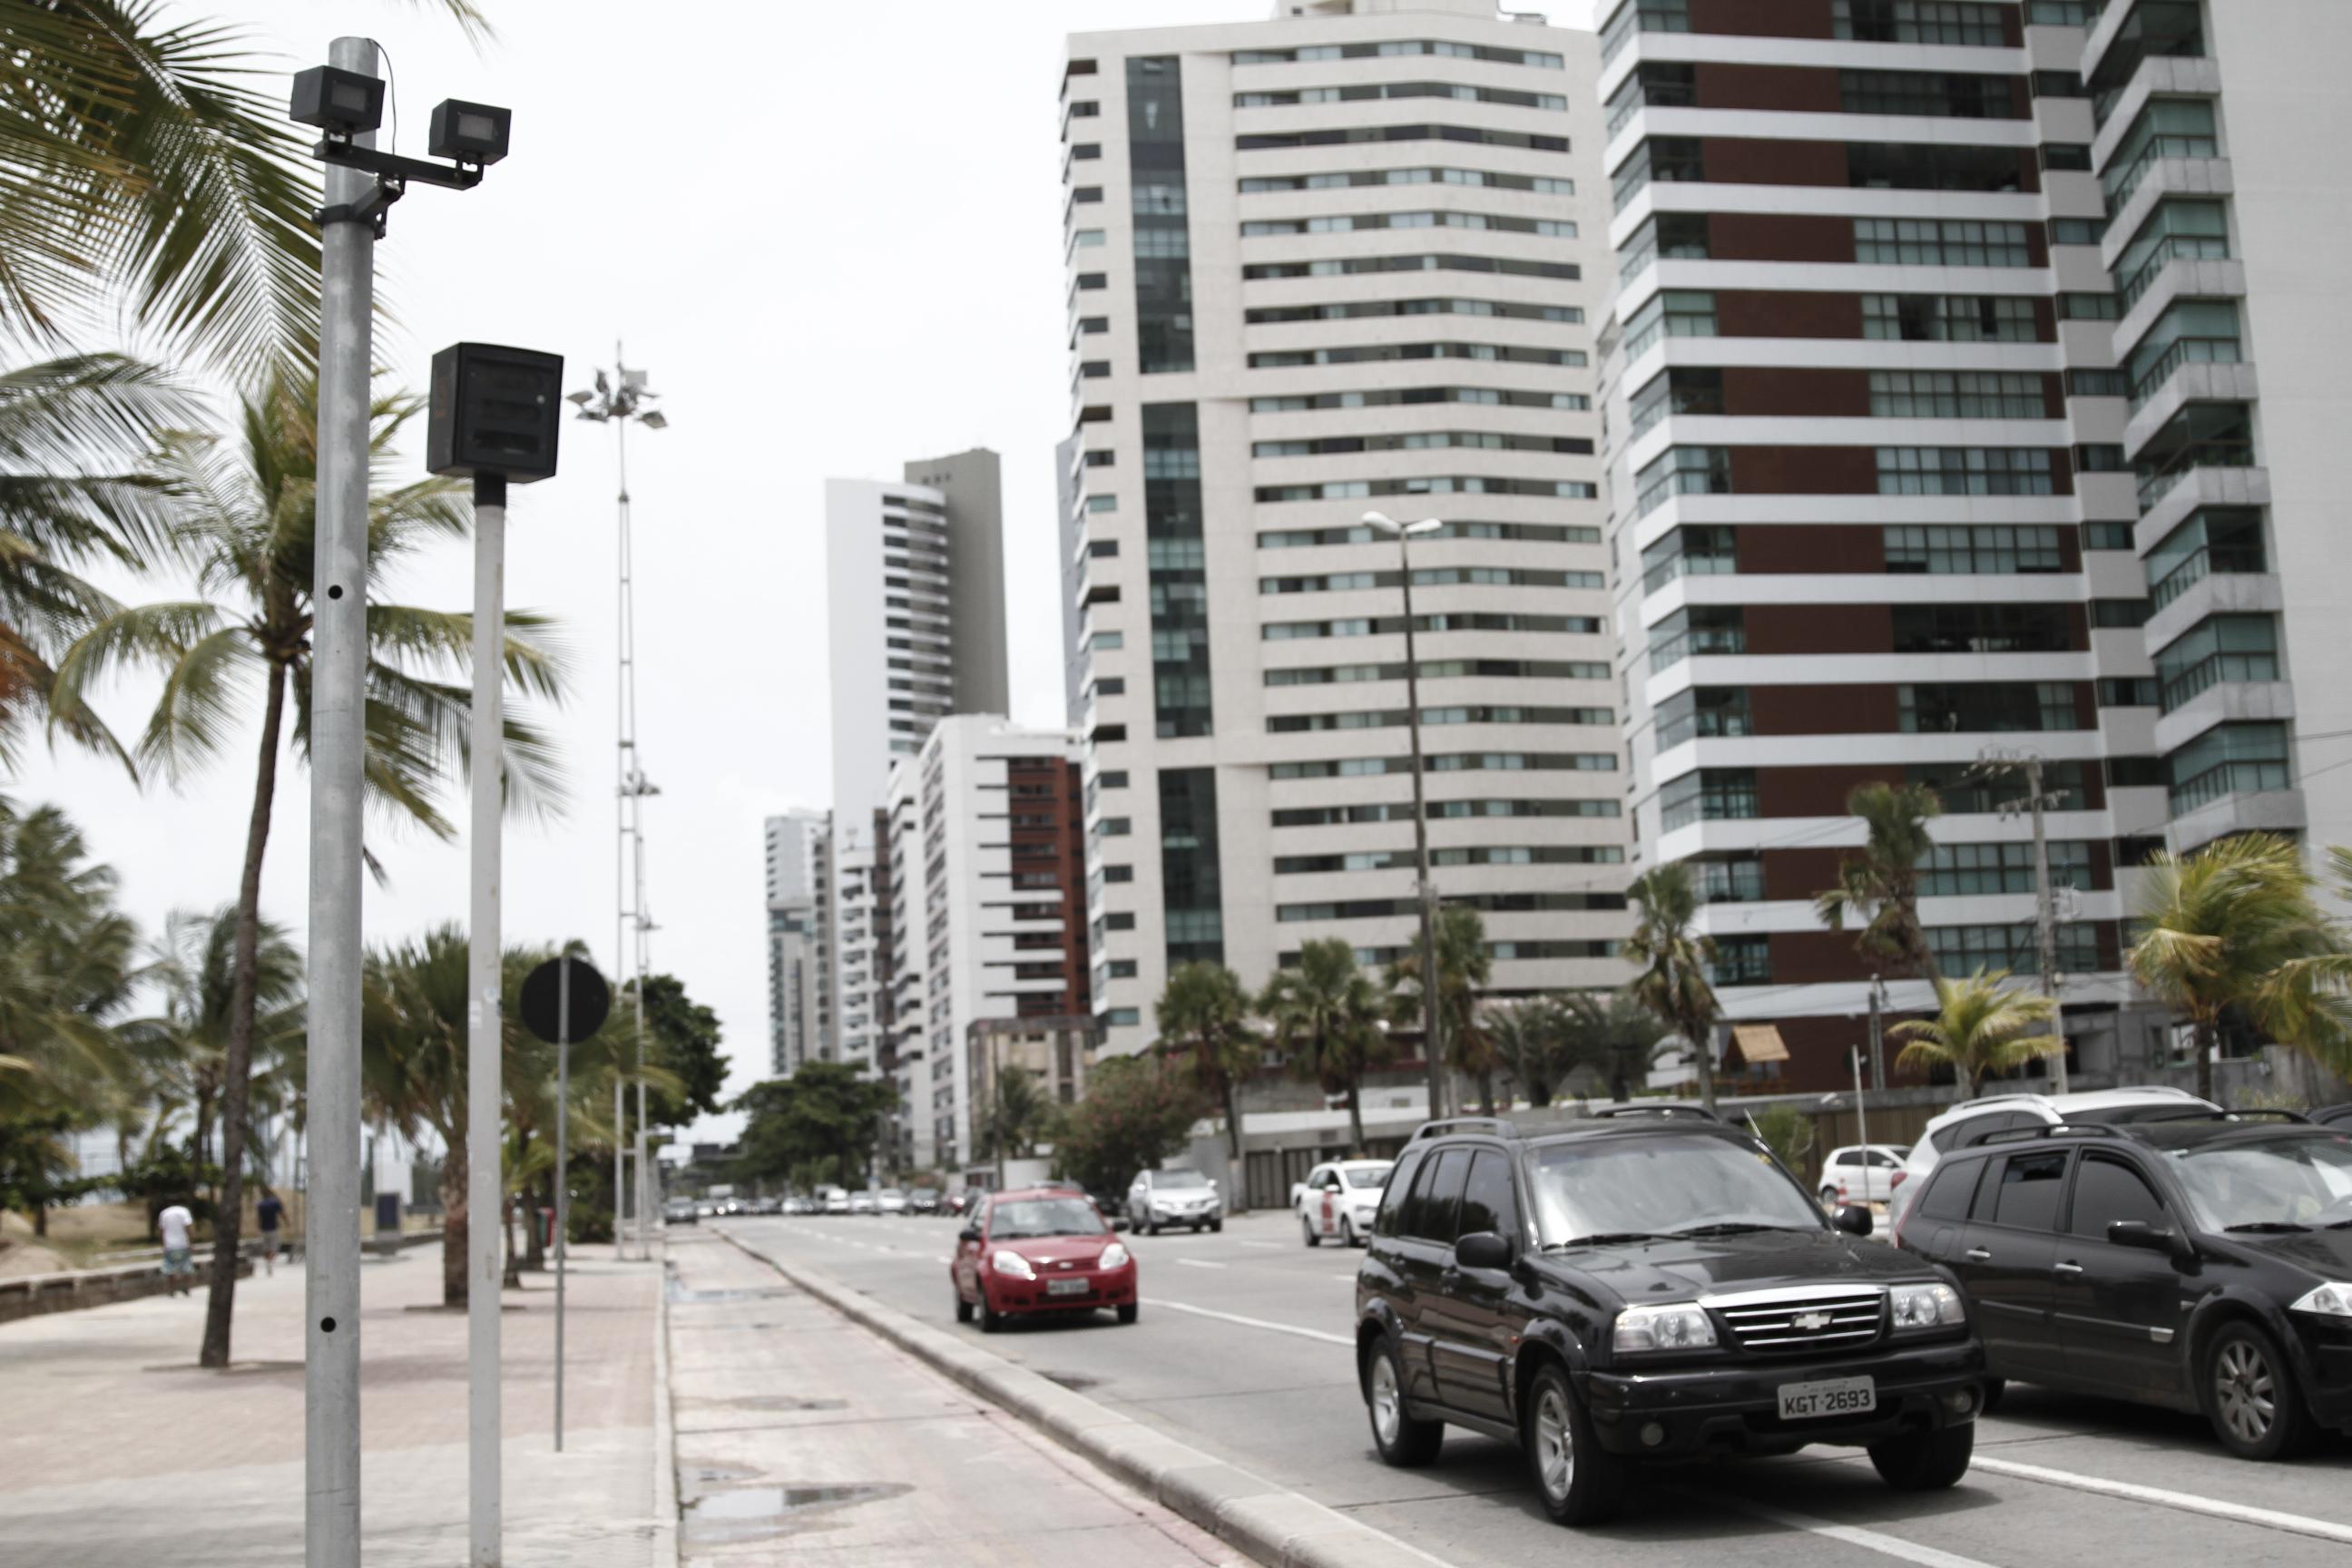 Radar instalado na Avenida Boa Viagem. Foto: Blenda Souto Maior/DP